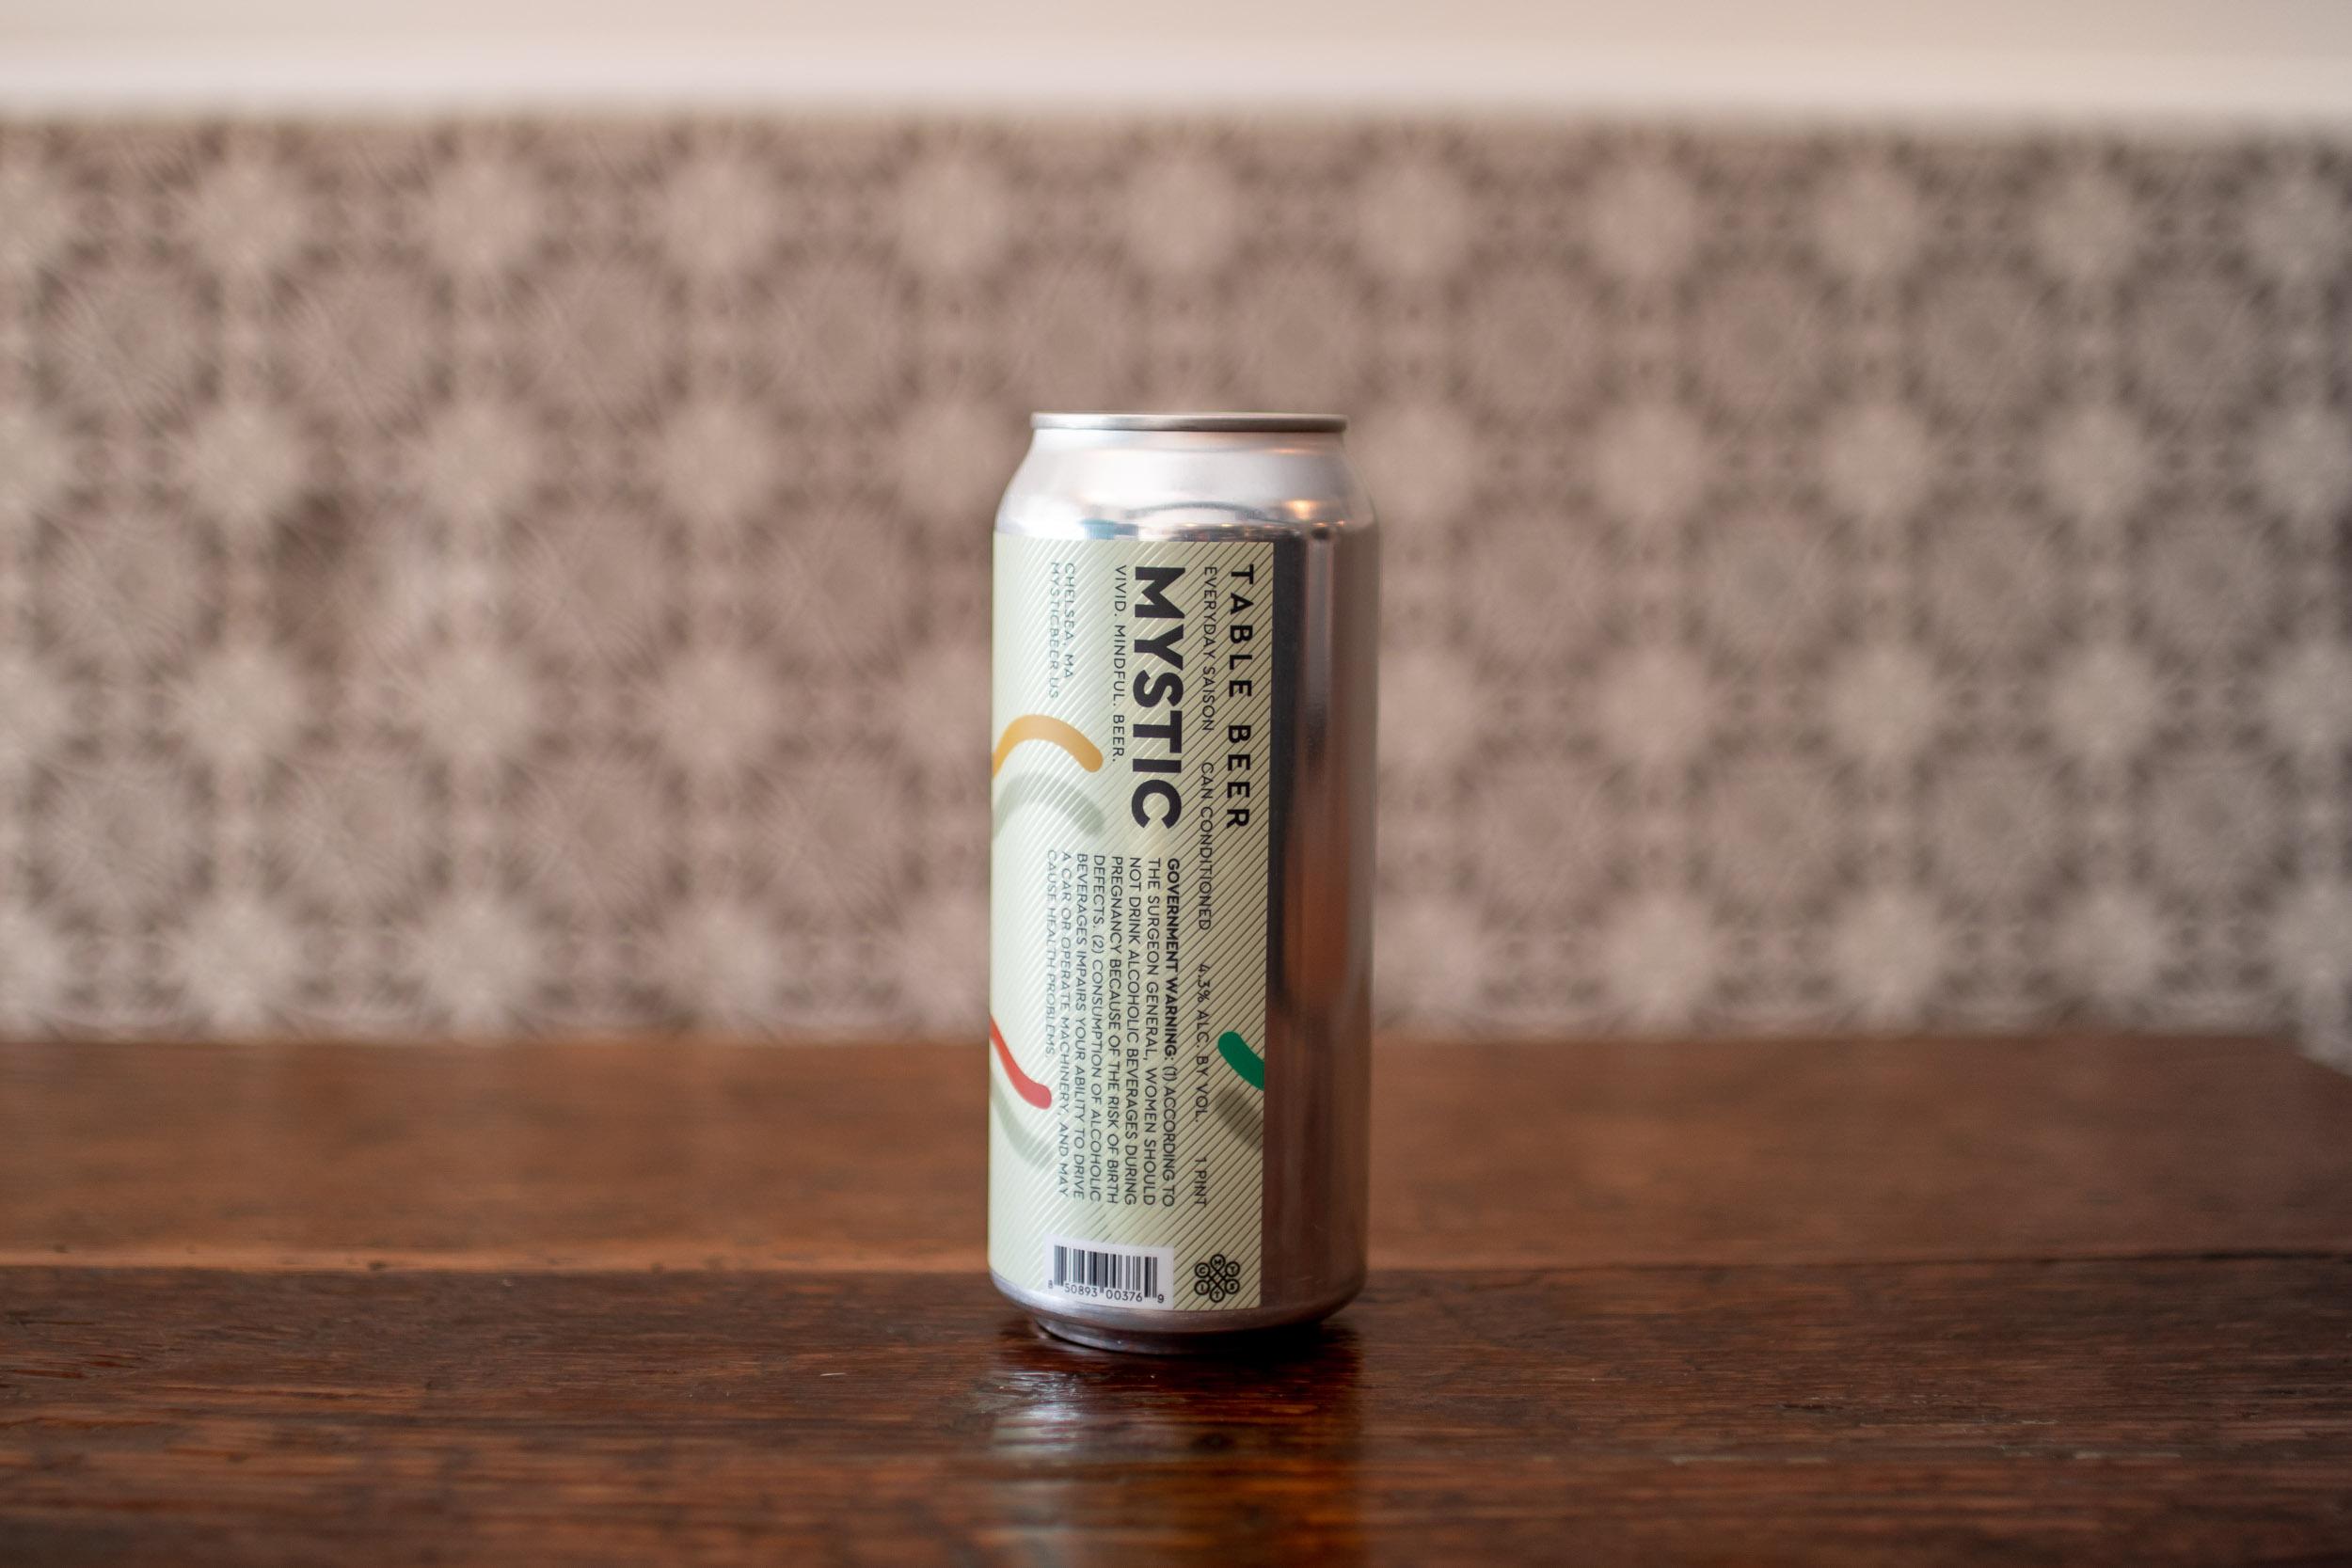 Mystic Table Beer2.jpg